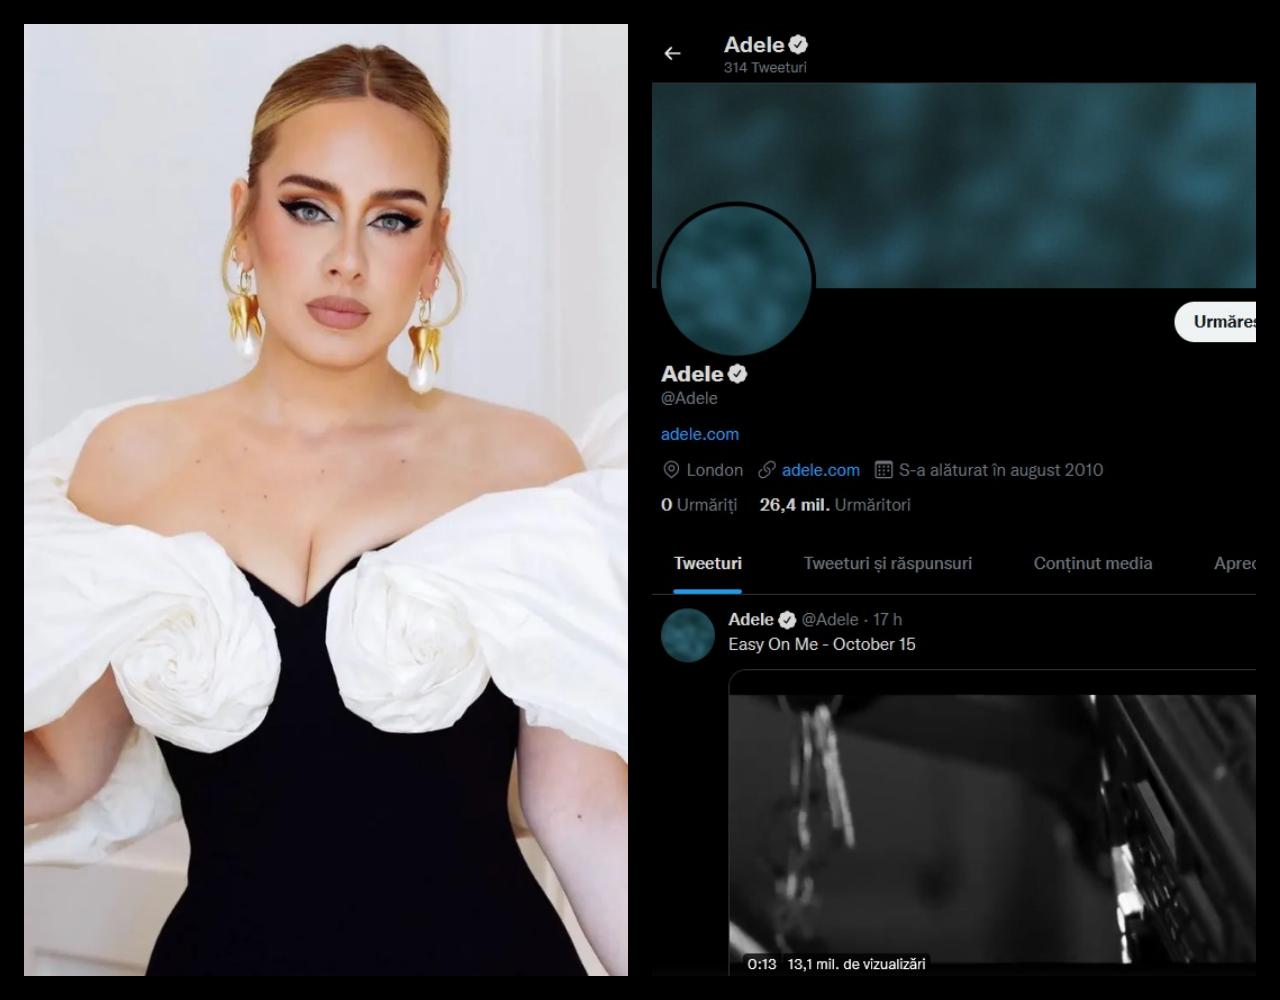 Adele revine cu o nouă piesă ce promite să aibă același succes ca cele precedente. Artista a dezvăluit un mic fragment